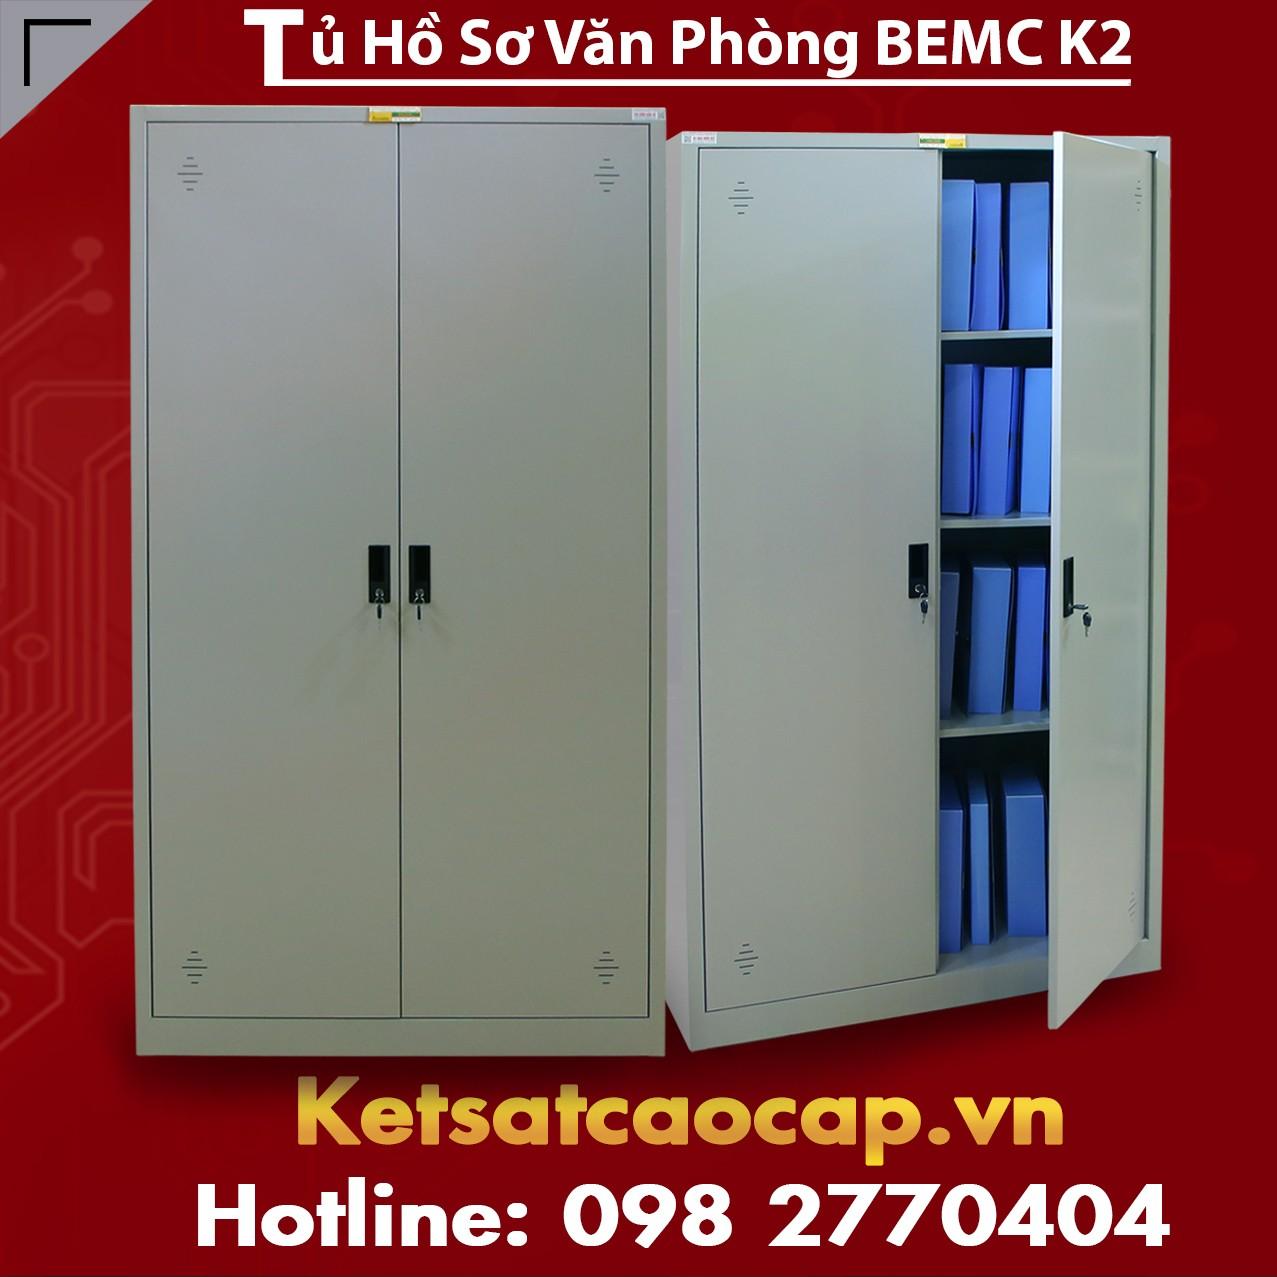 Tủ Hồ Sơ Văn Phòng BEMC K2 Chính Hãng